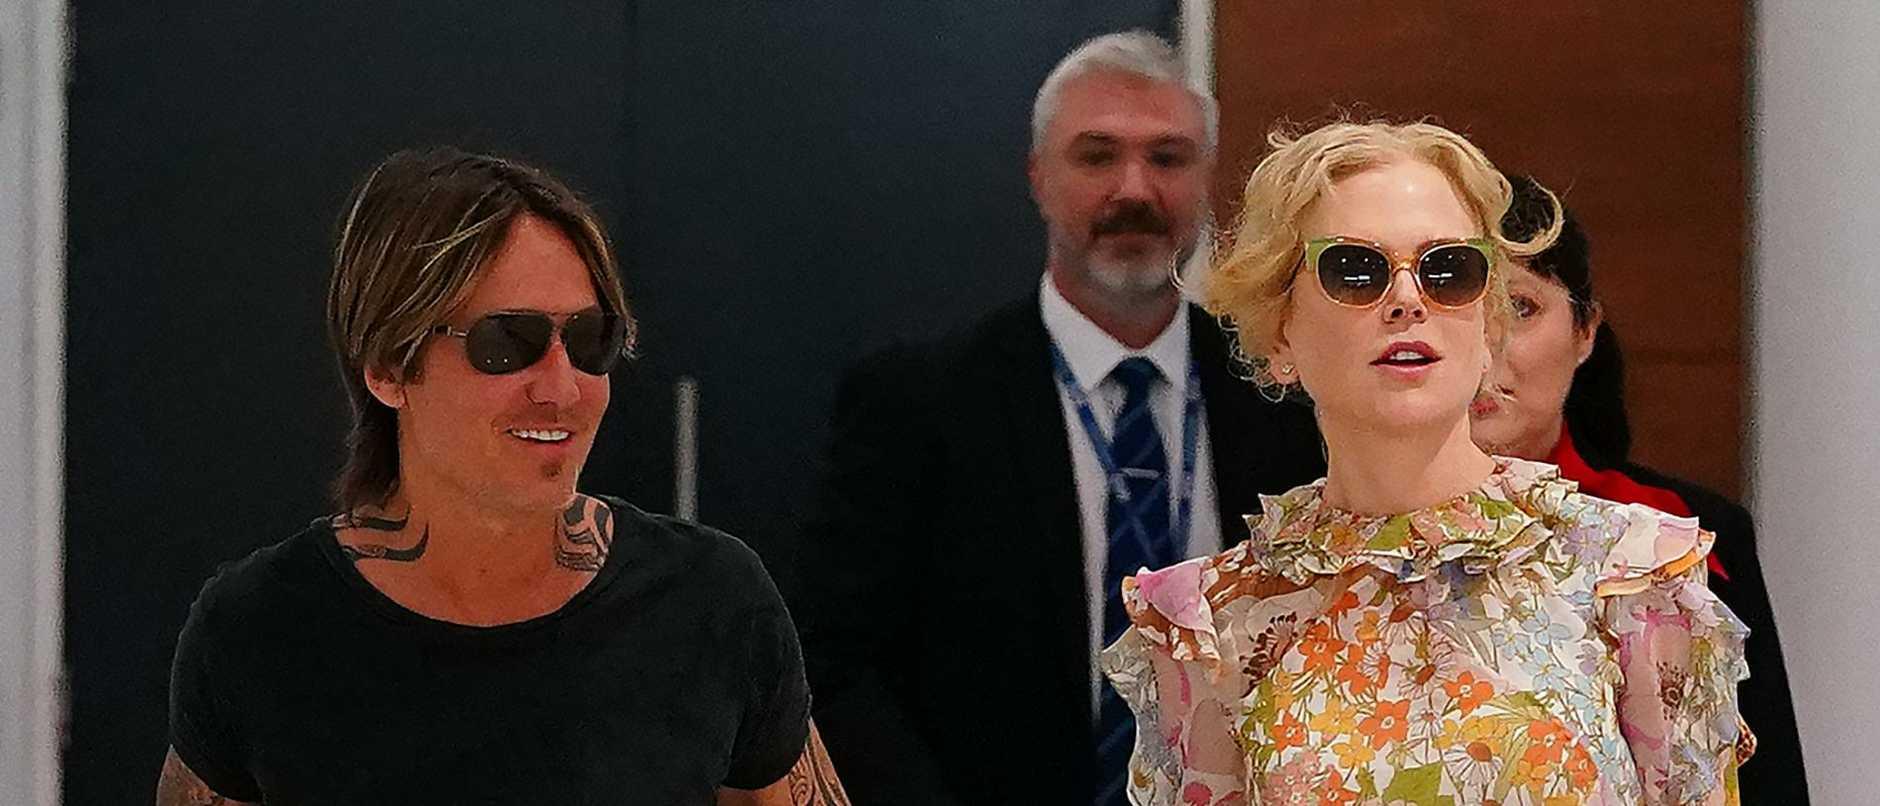 Nicole Kidman Arrives In Sydney For Christmas